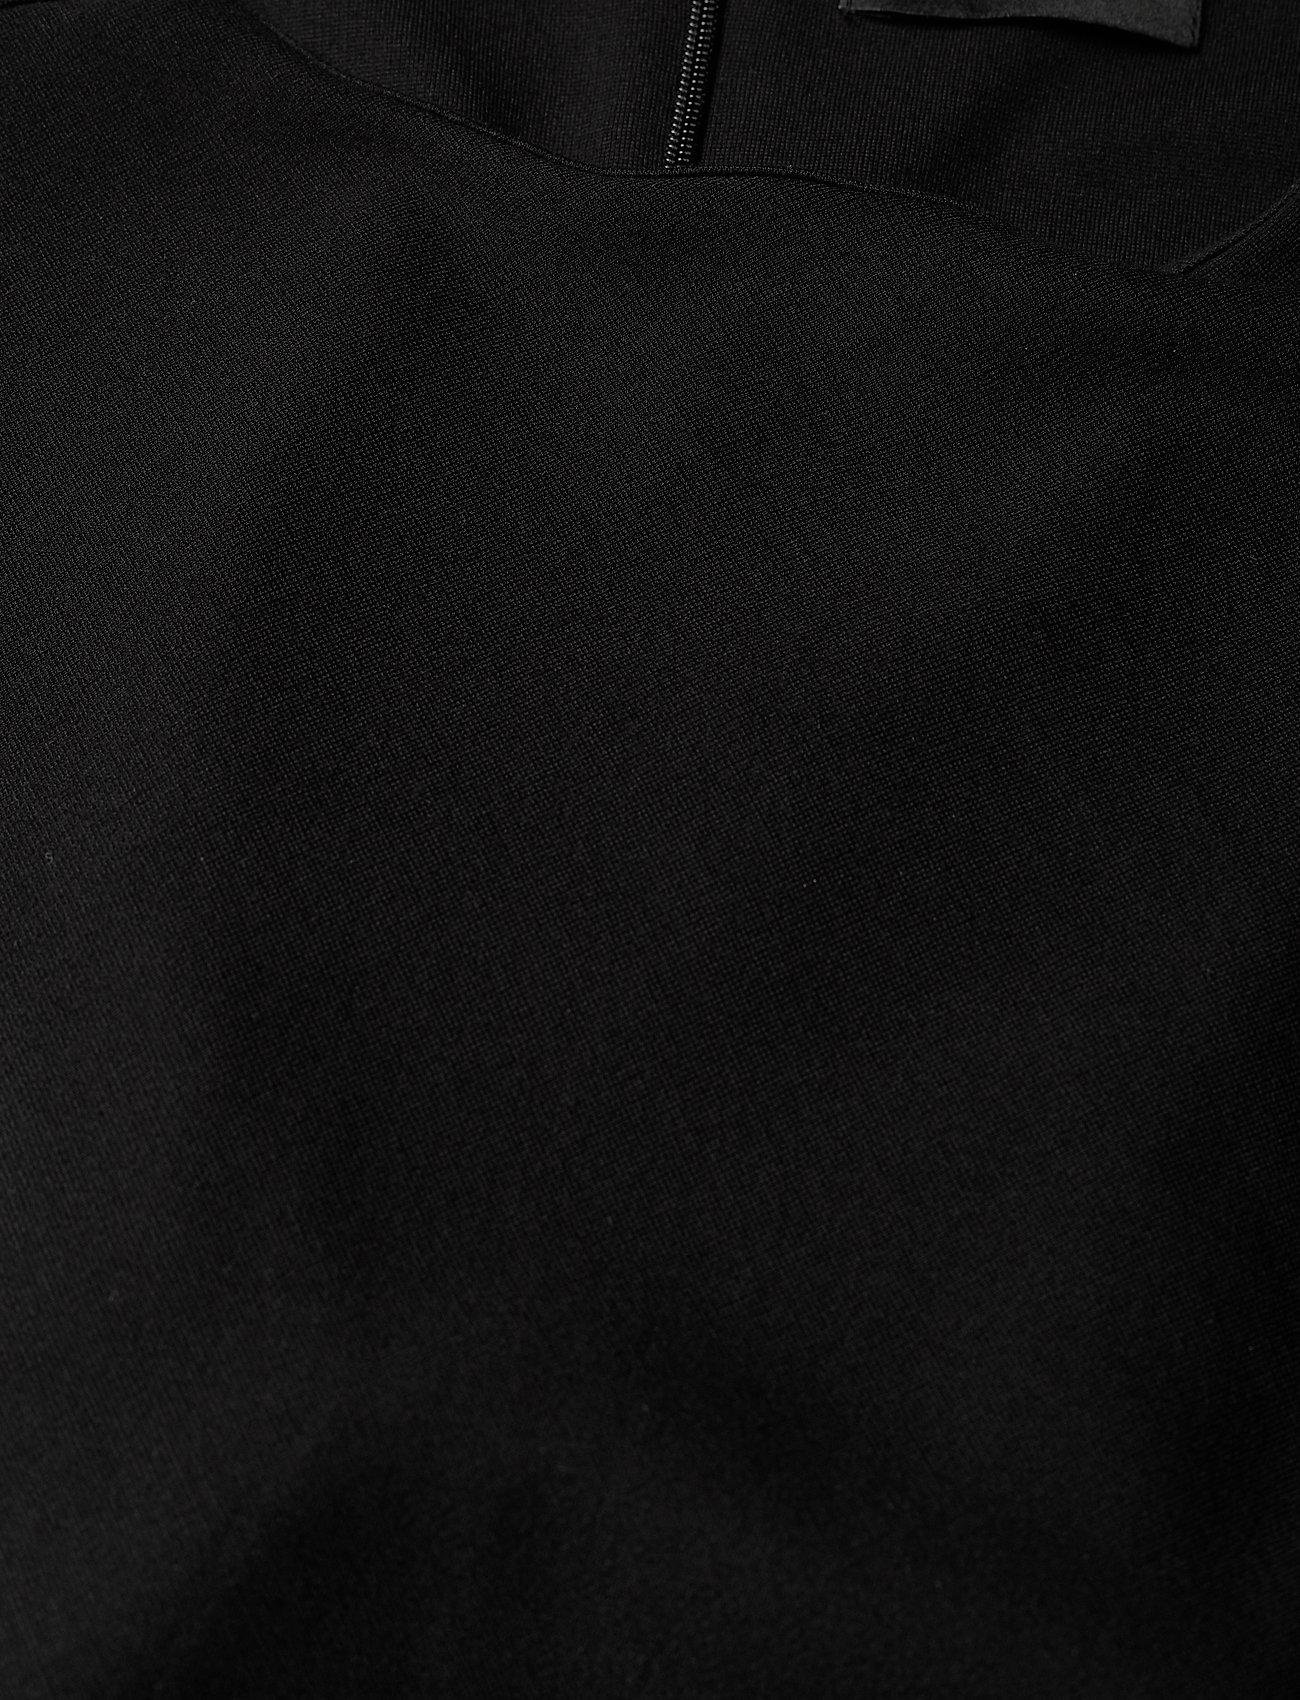 SAND Firm Jersey - Danja - Sukienki BLACK - Kobiety Odzież.